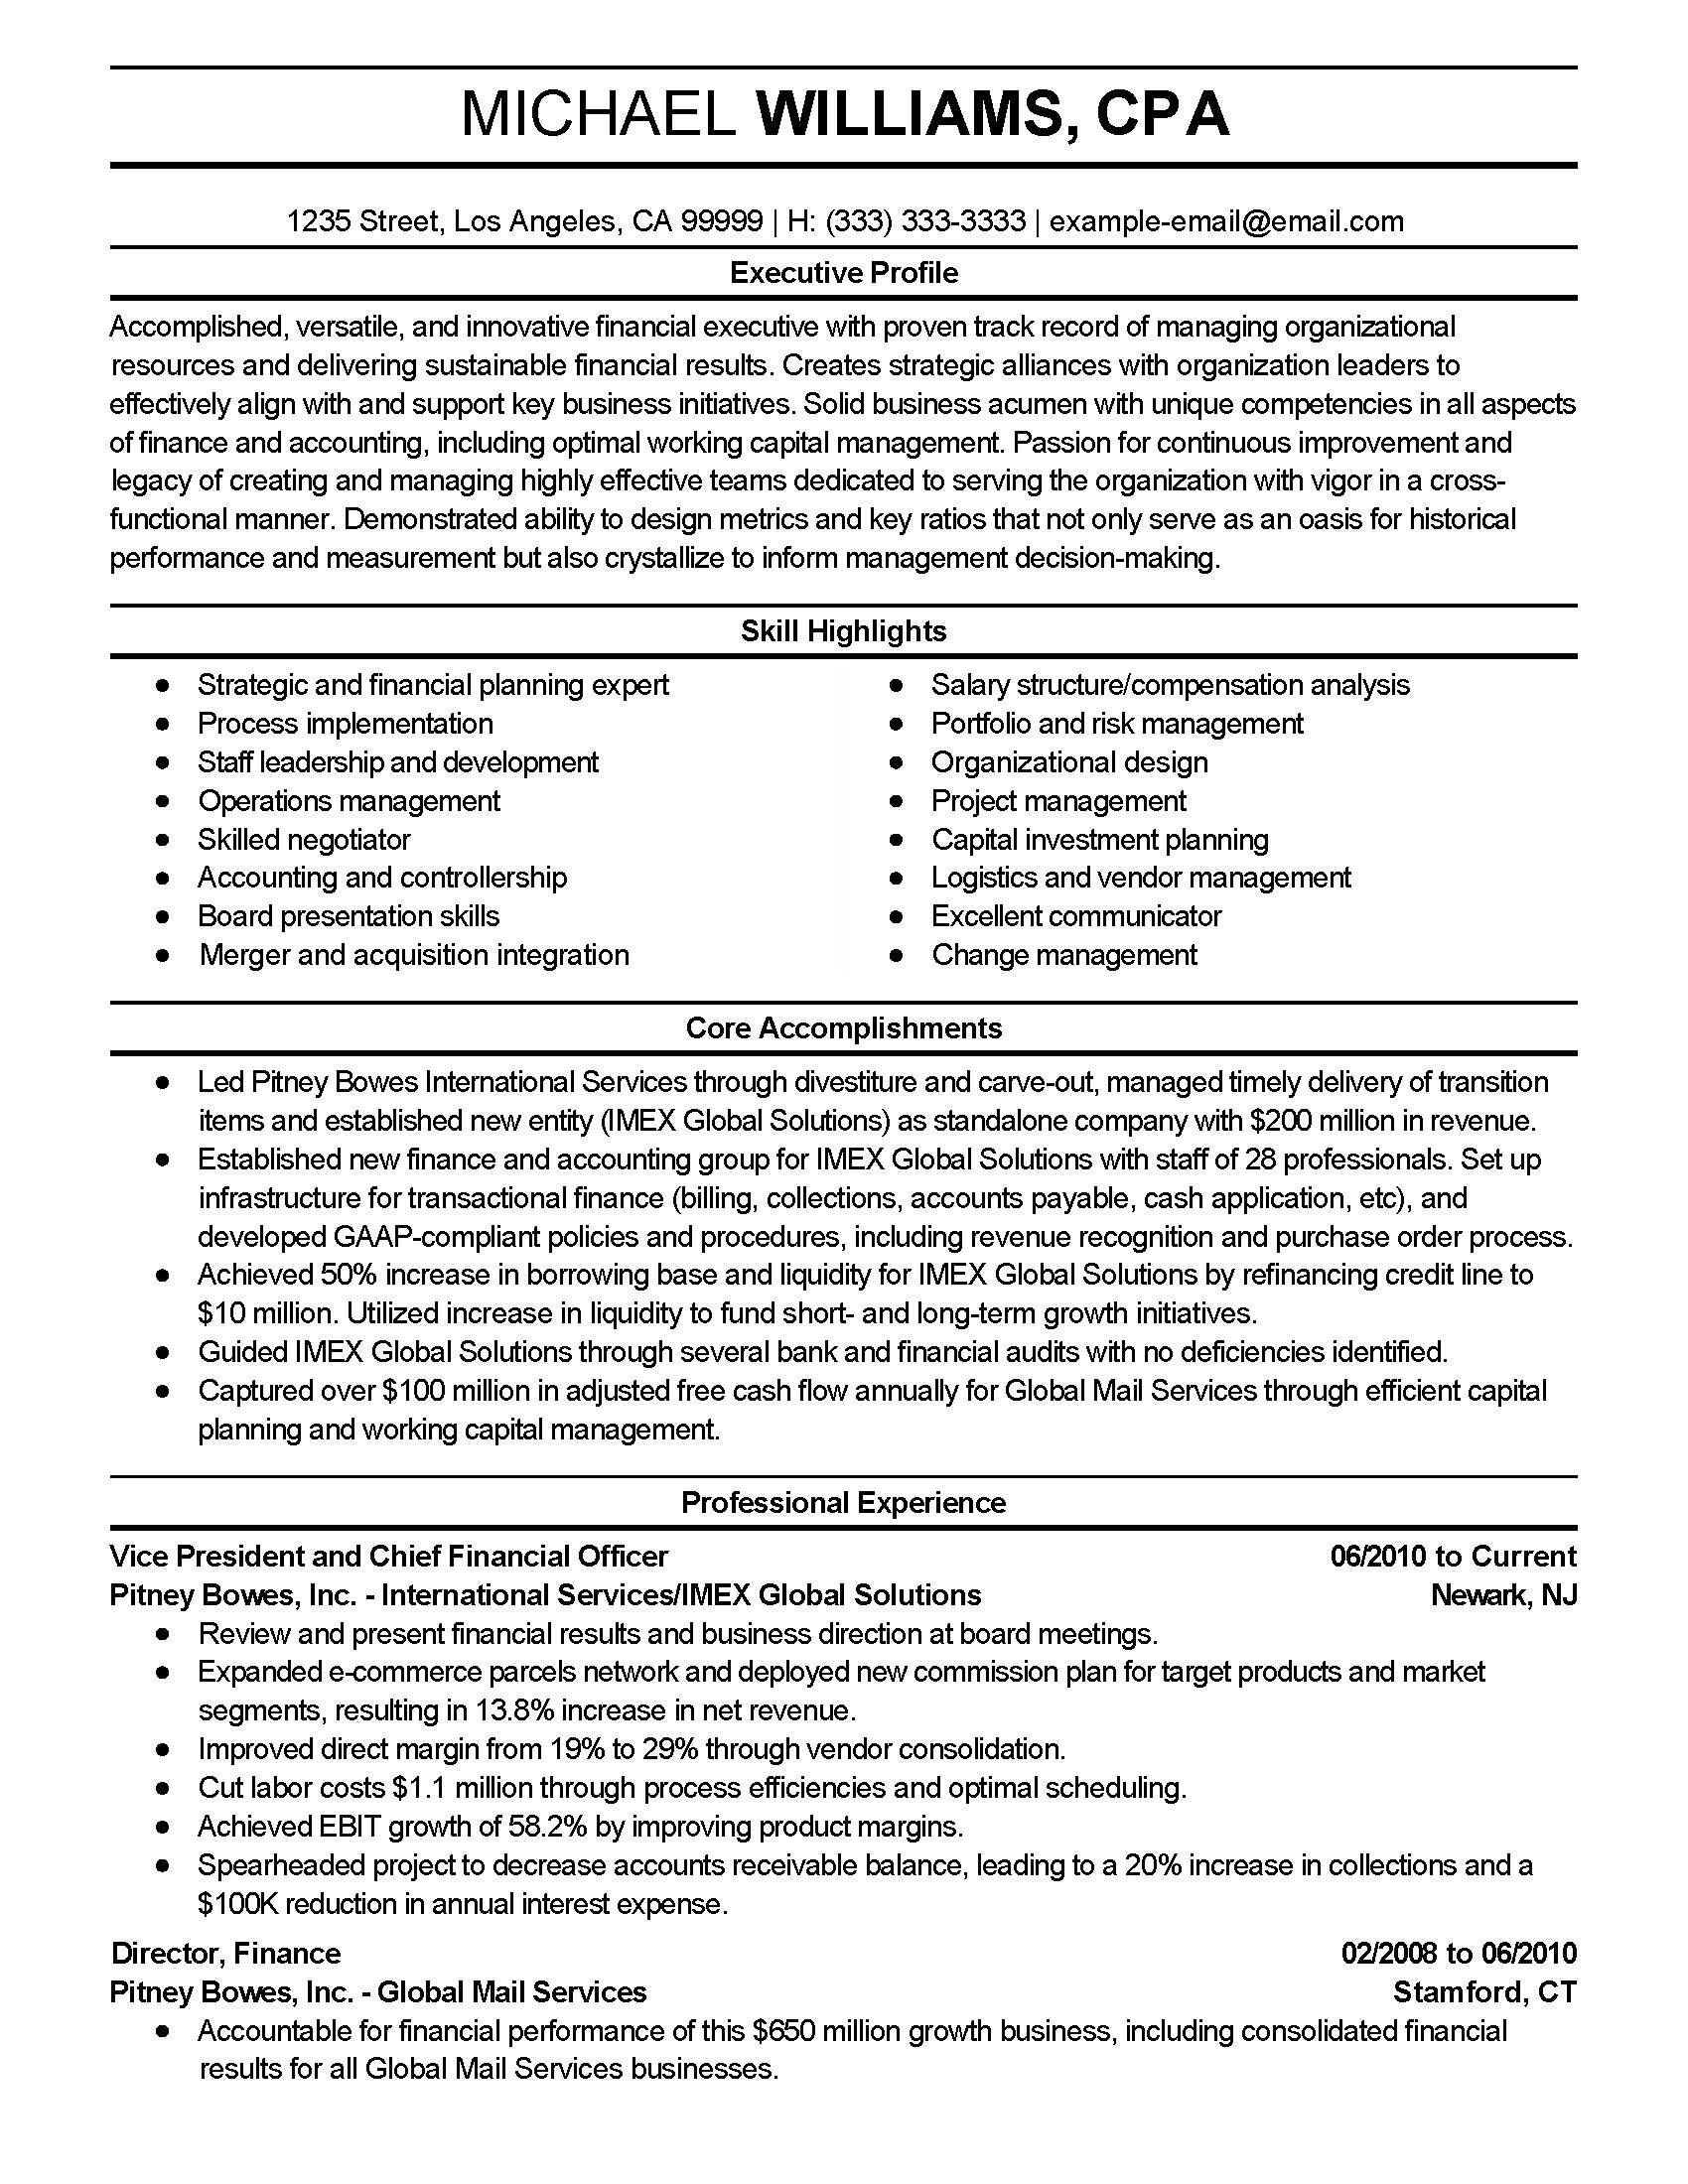 Wharton resume template